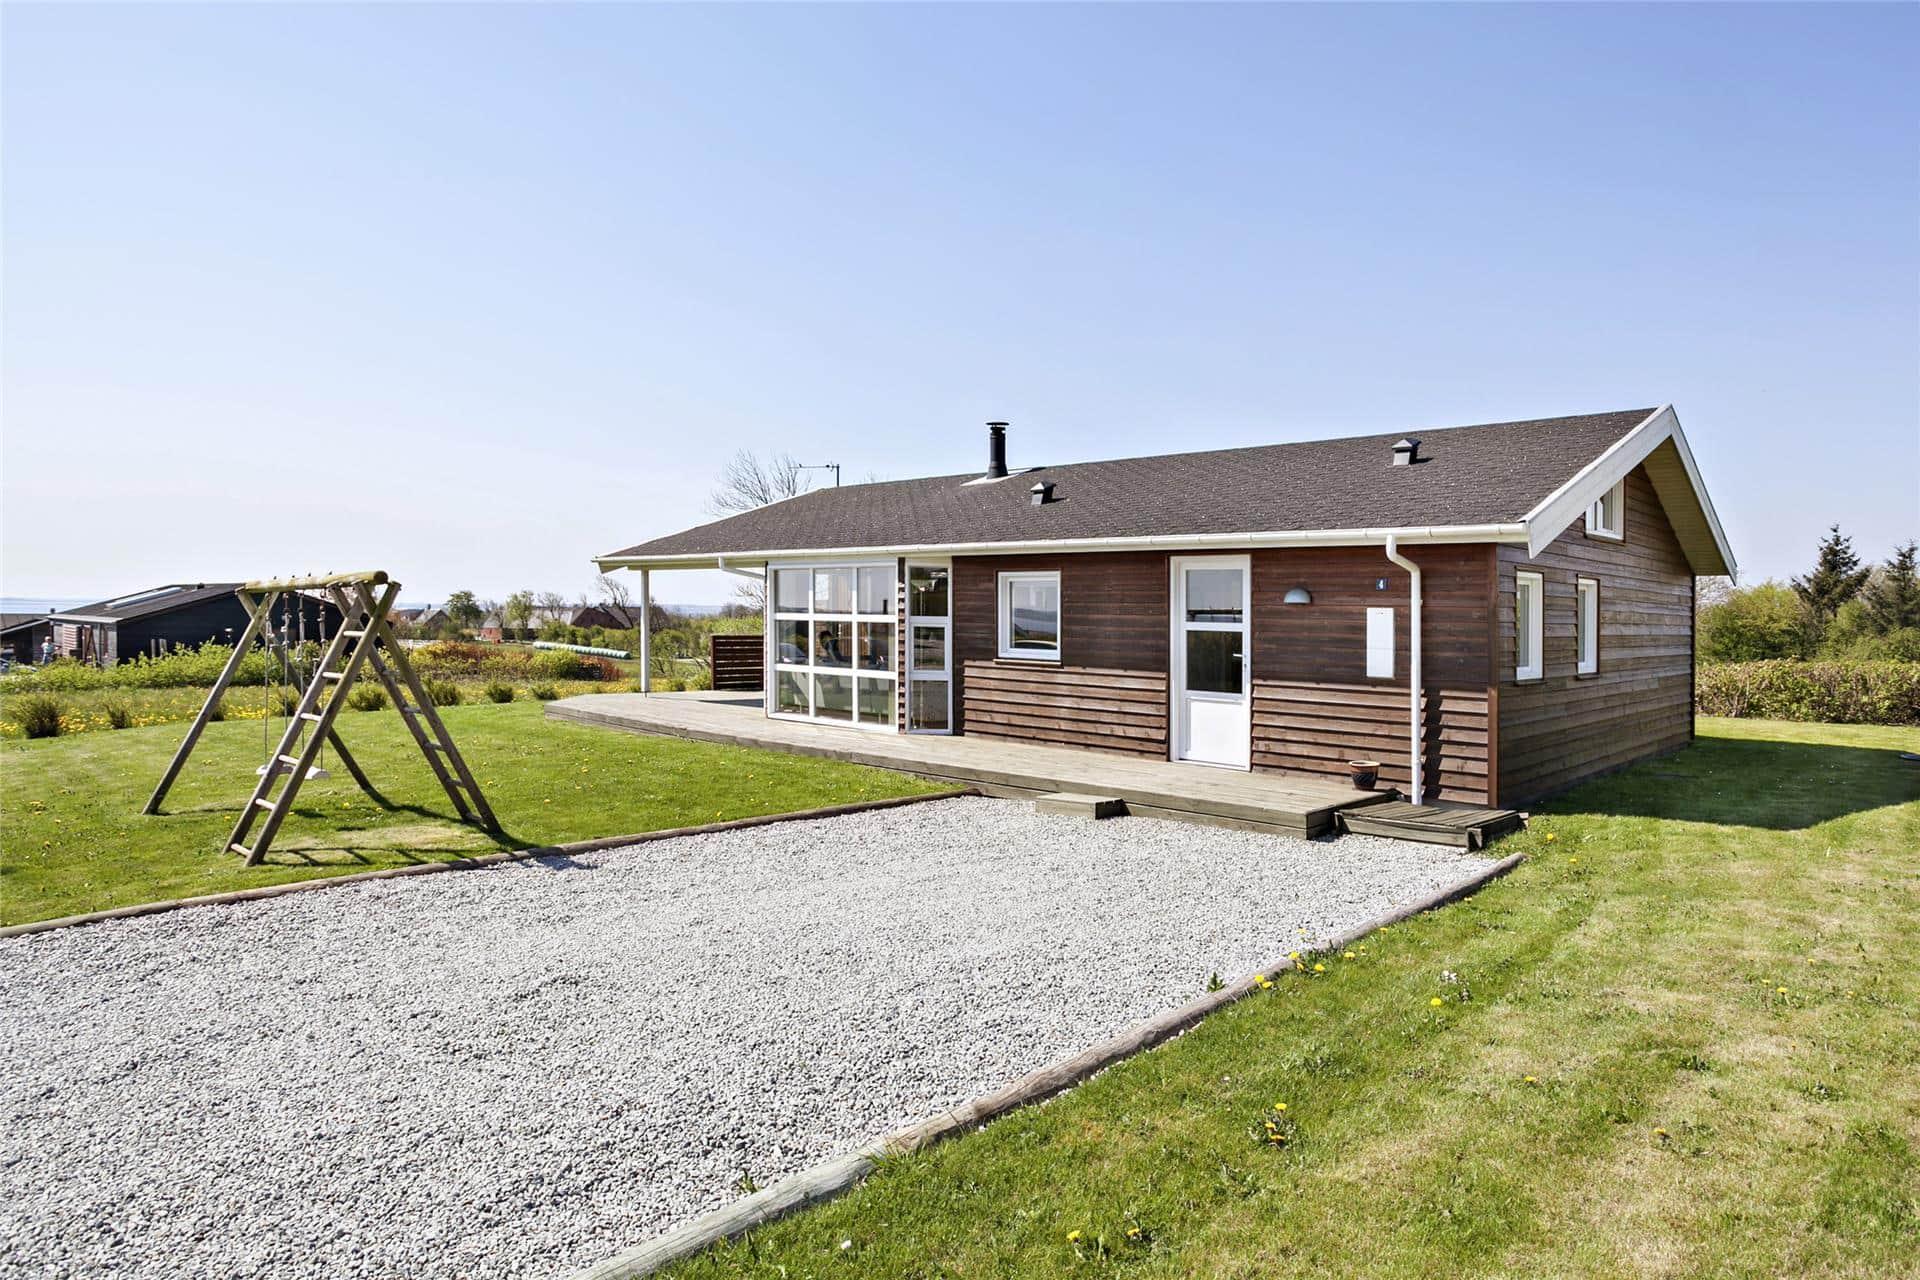 Image 1-13 Holiday-home 626, Kongens Borer 4, DK - 7752 Snedsted